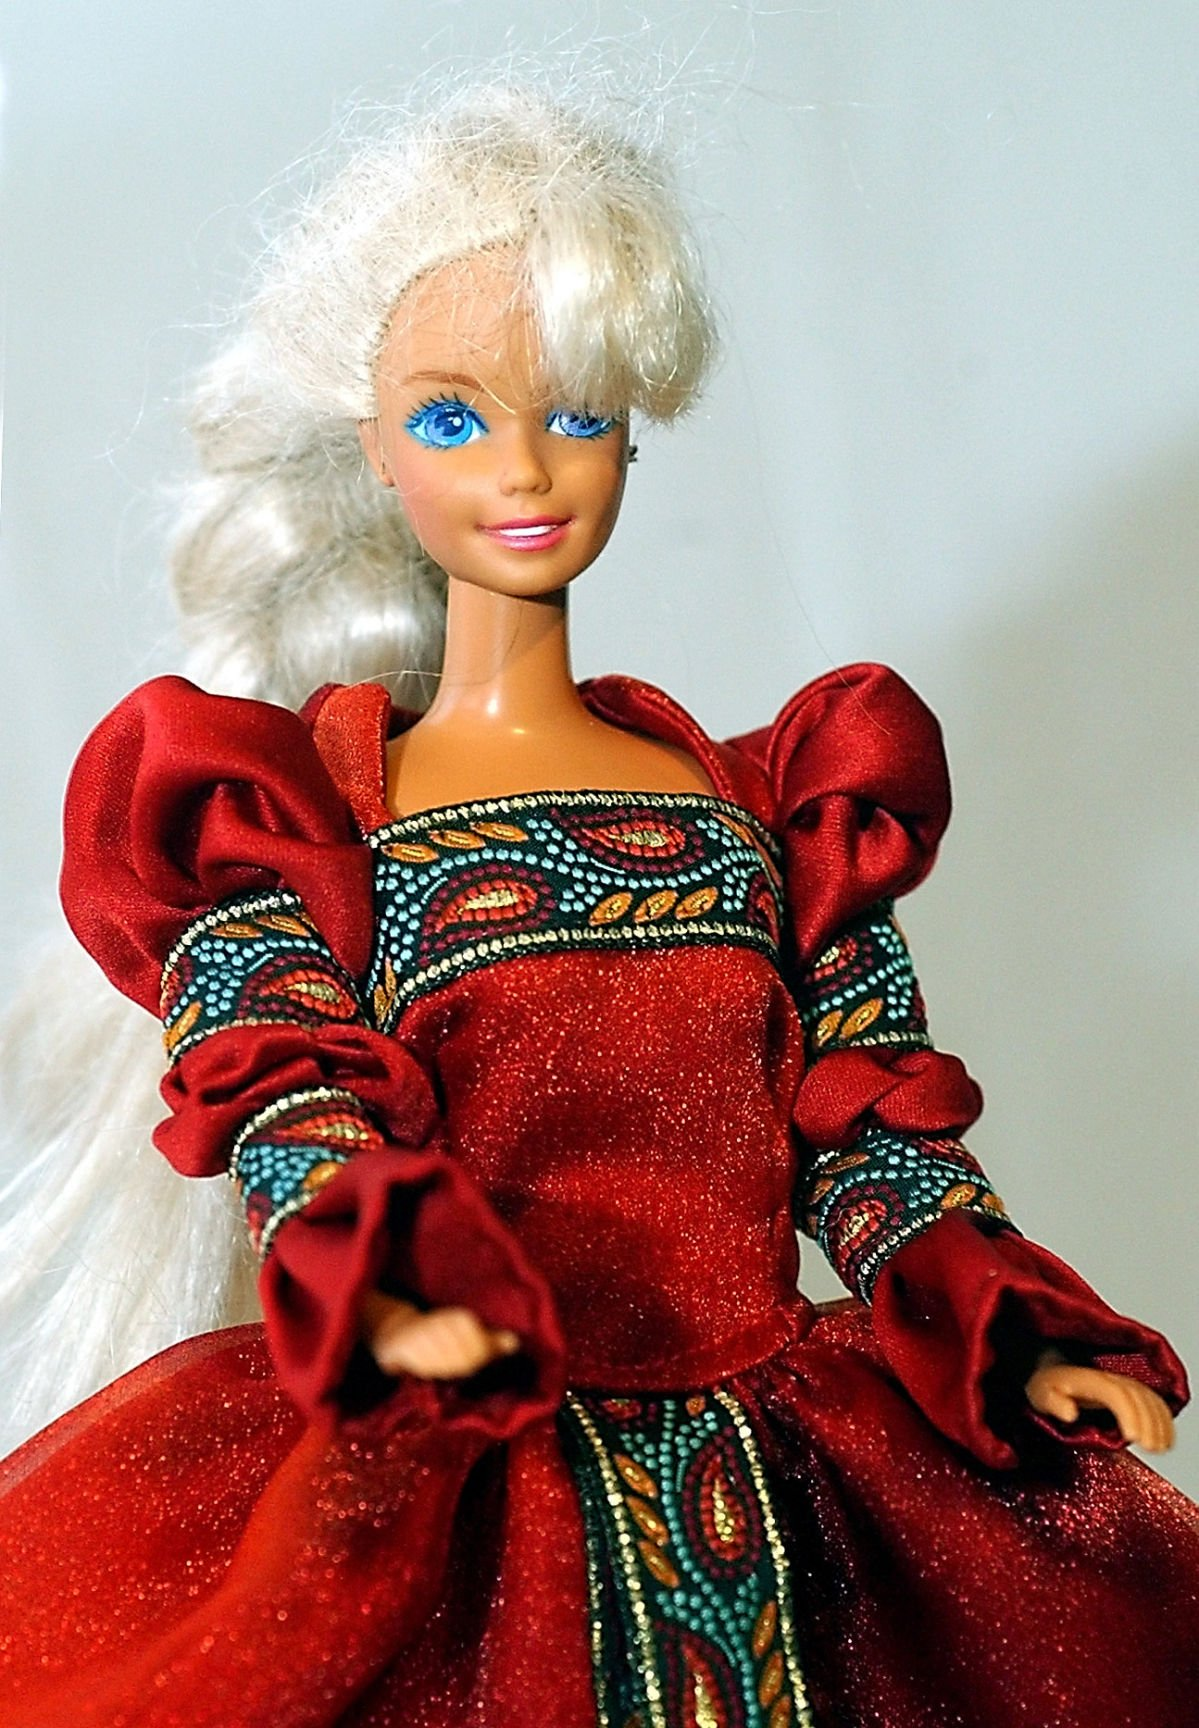 Orange /& Hot Pink Variegated Knit Mermaid Barbie Dress  Barbie Handmade Purple